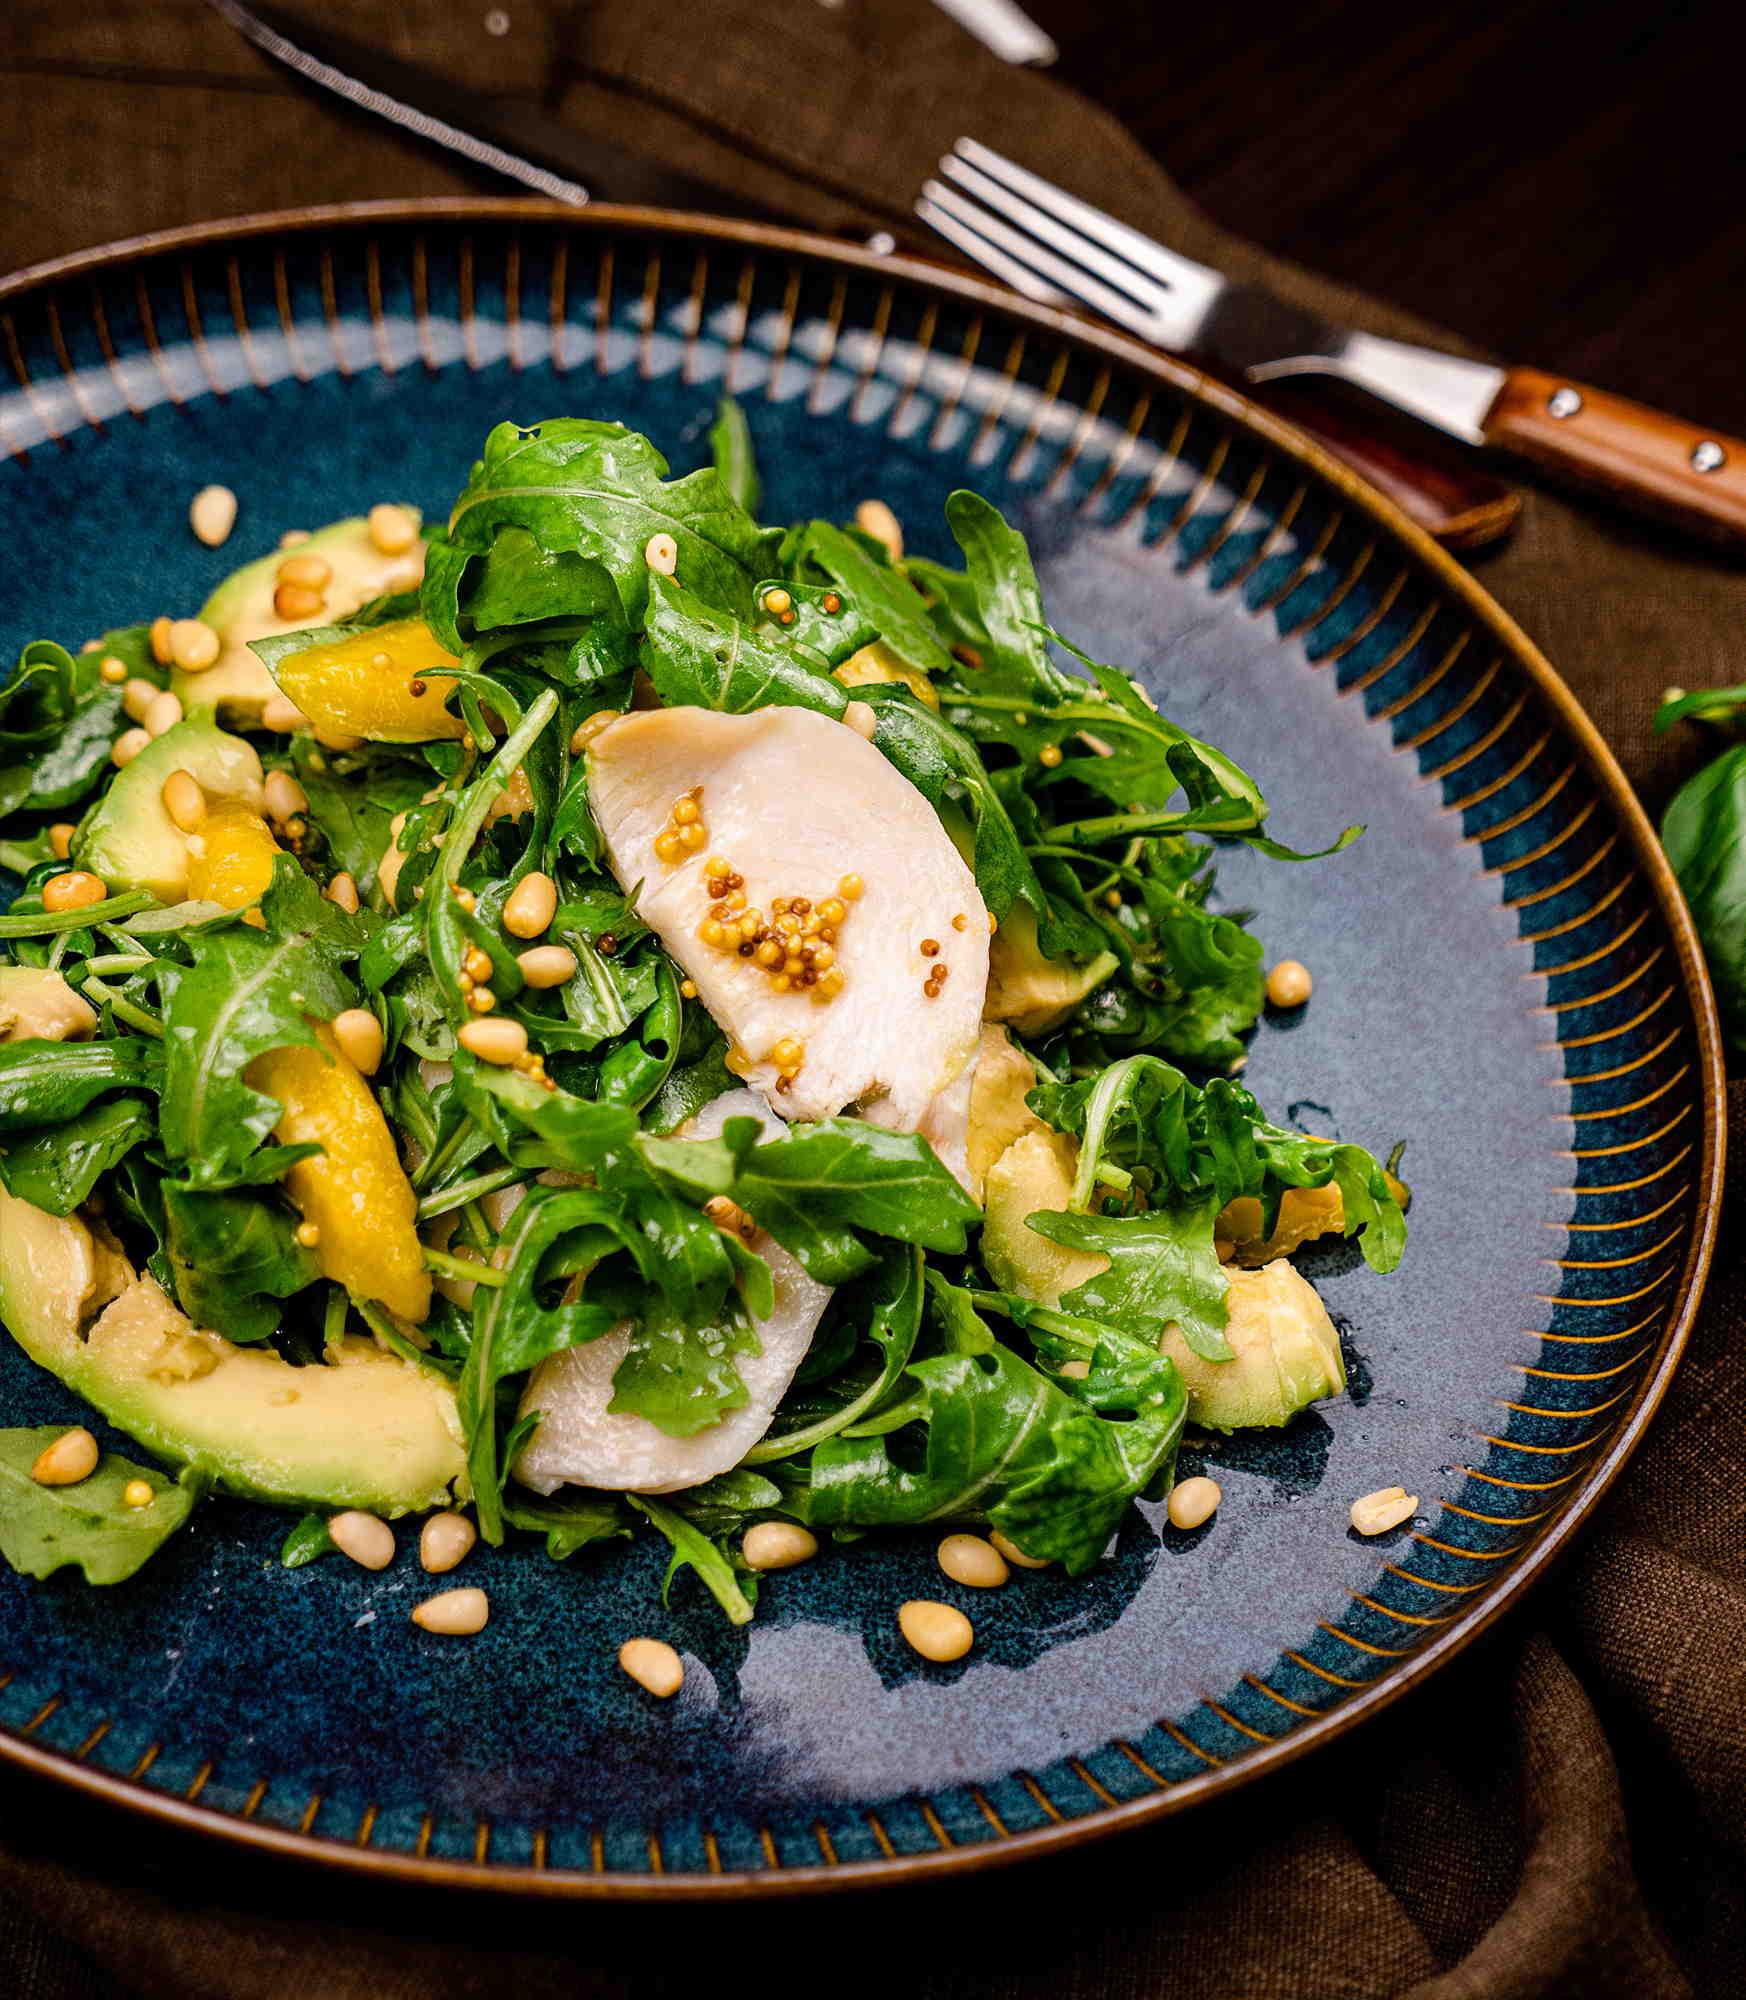 Салат с рукколой, копченой грудкой, манго и горчичной заправкой доставка в Орле ресторан Лабиринт